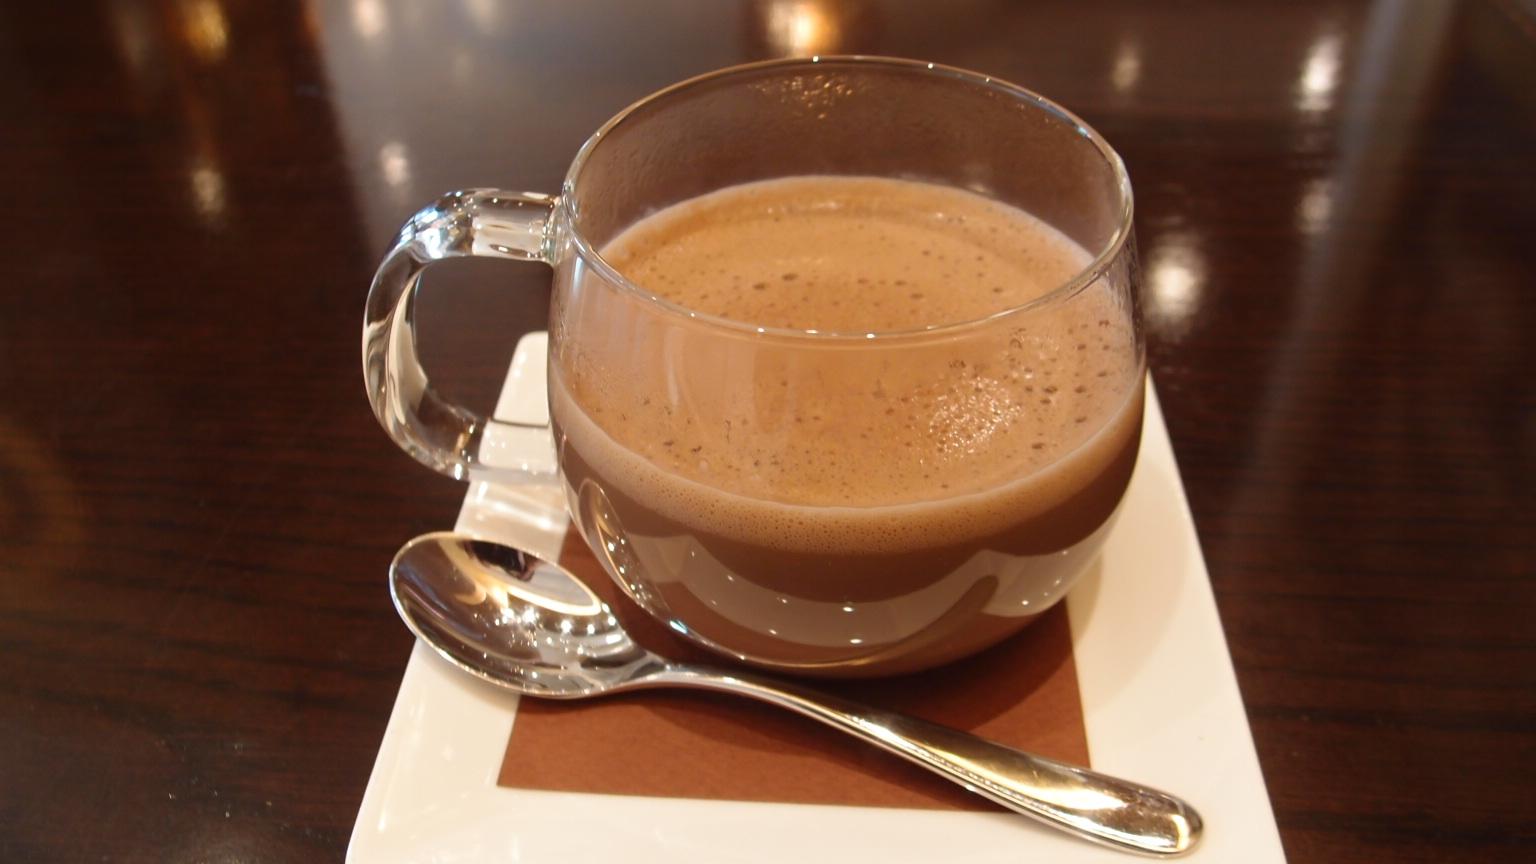 銀座 リンツ ショコラ カフェ ショコラスペキュロスドリンク | アイスチョコレートドリンク | ケーキセット